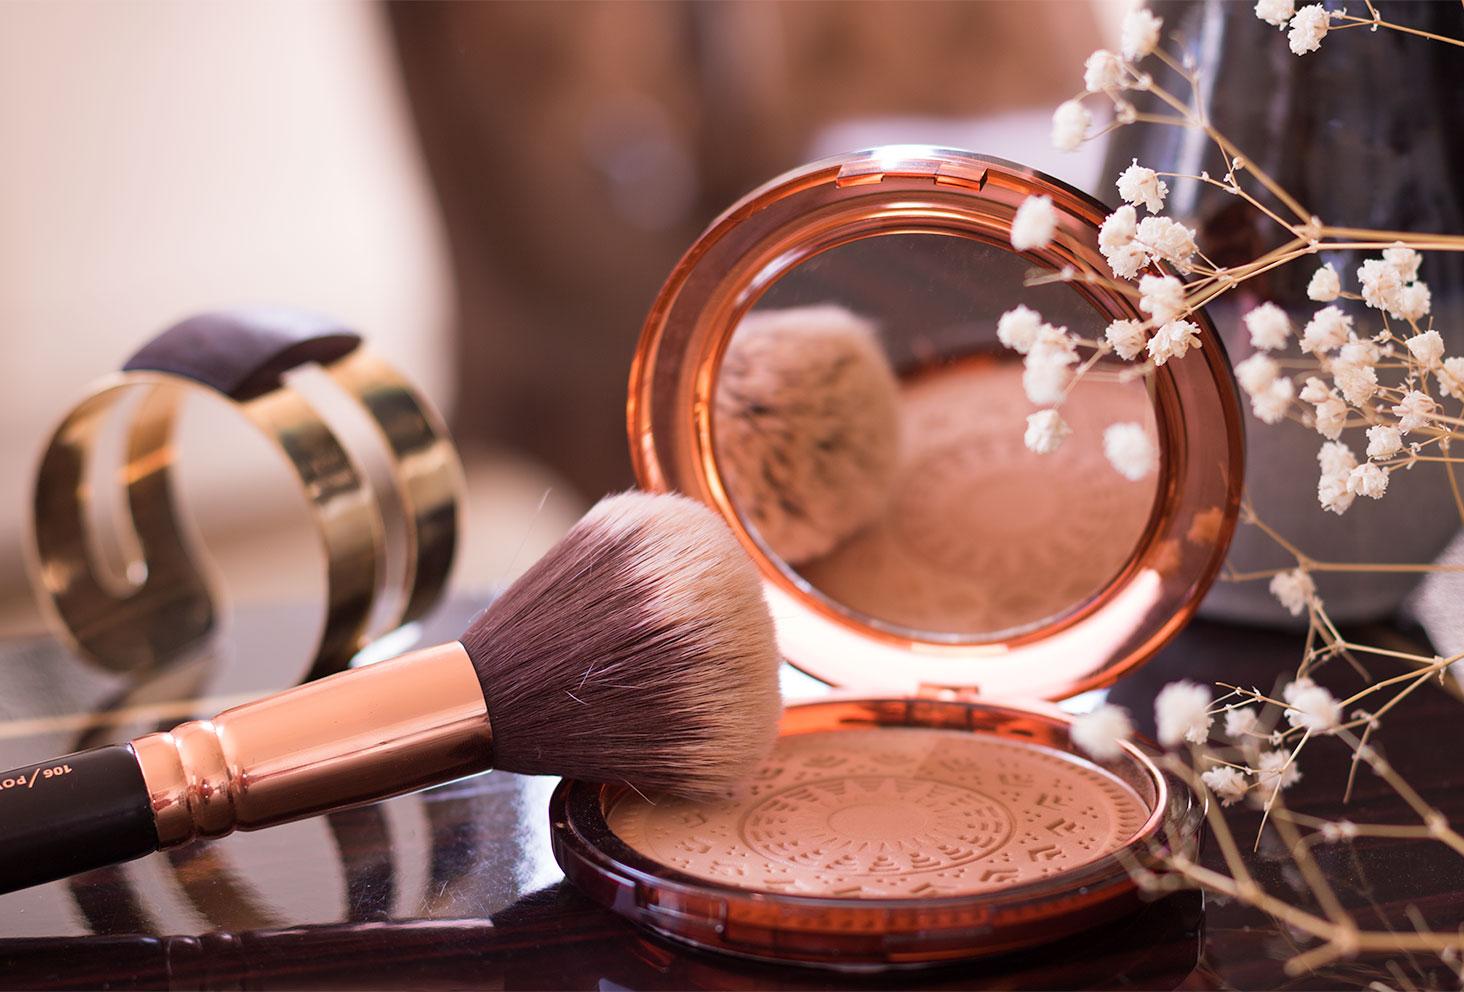 La poudre bronzante ARTDECO posé sur une table en bois au milieu des fleurs séchées, ouverte avec un gros pinceau à l'intérieur